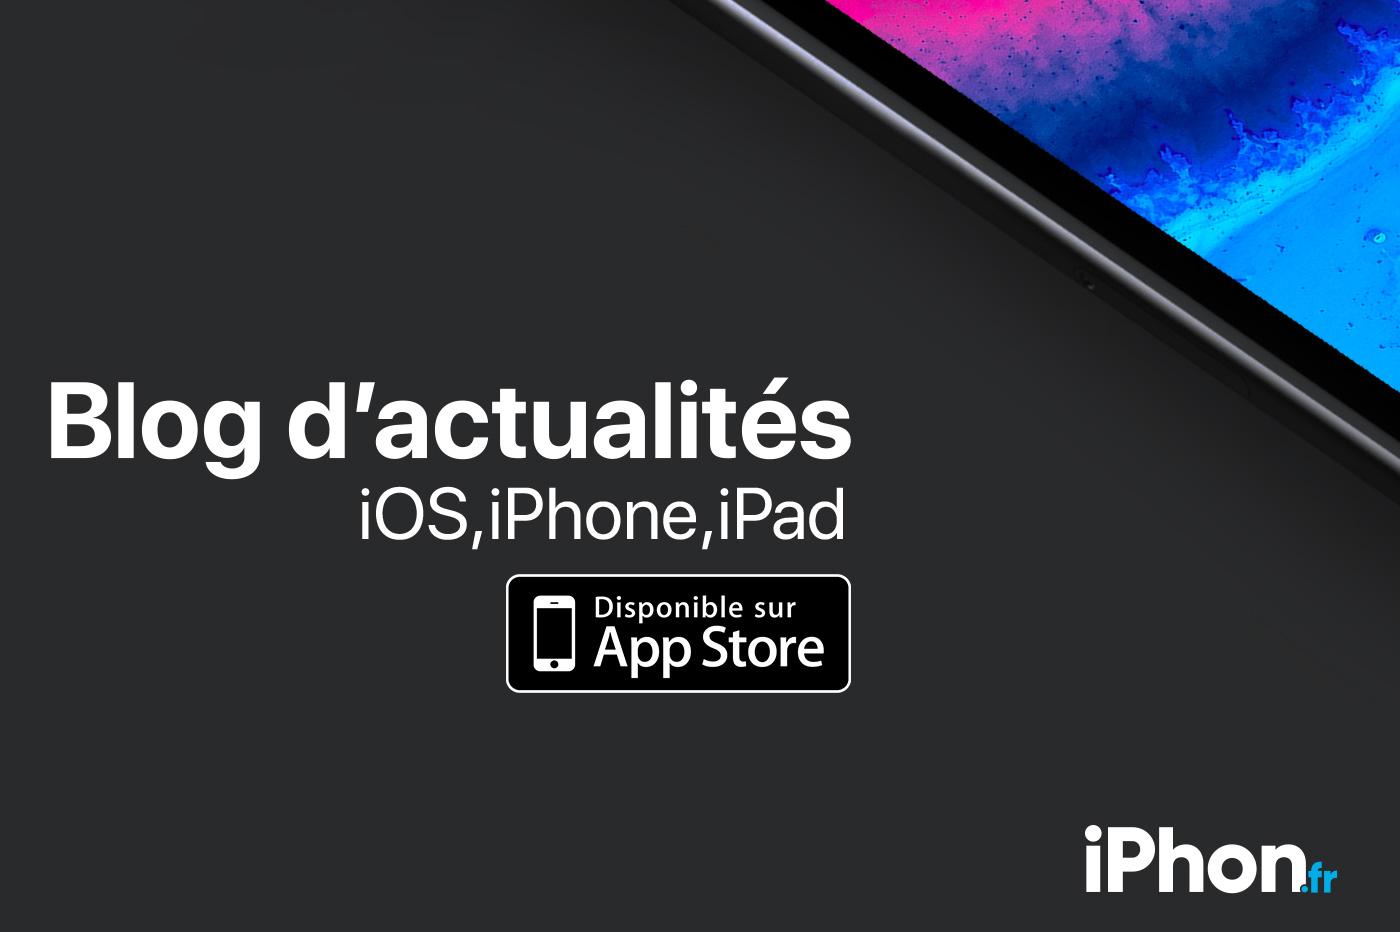 Nouveau design iPhon.fr